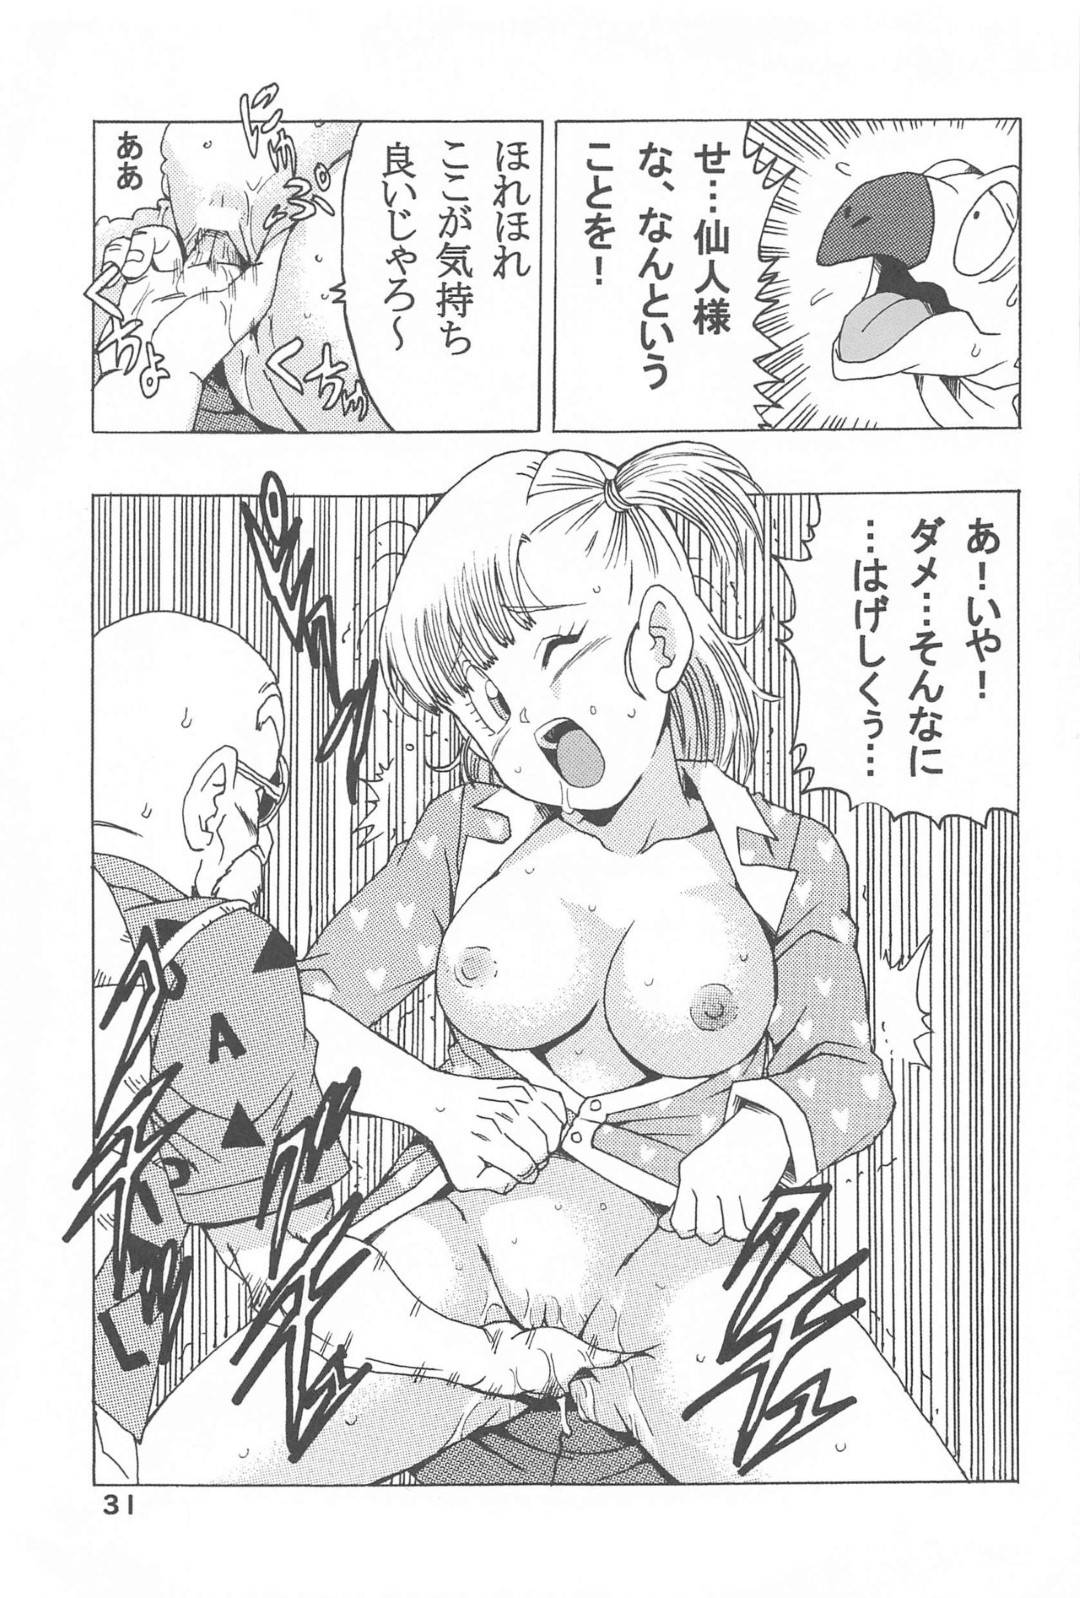 【ドラゴンボールエロ漫画】ブルマは、おませな悟空にエッチなイタズラをされイってしまう【ヤングじじい】